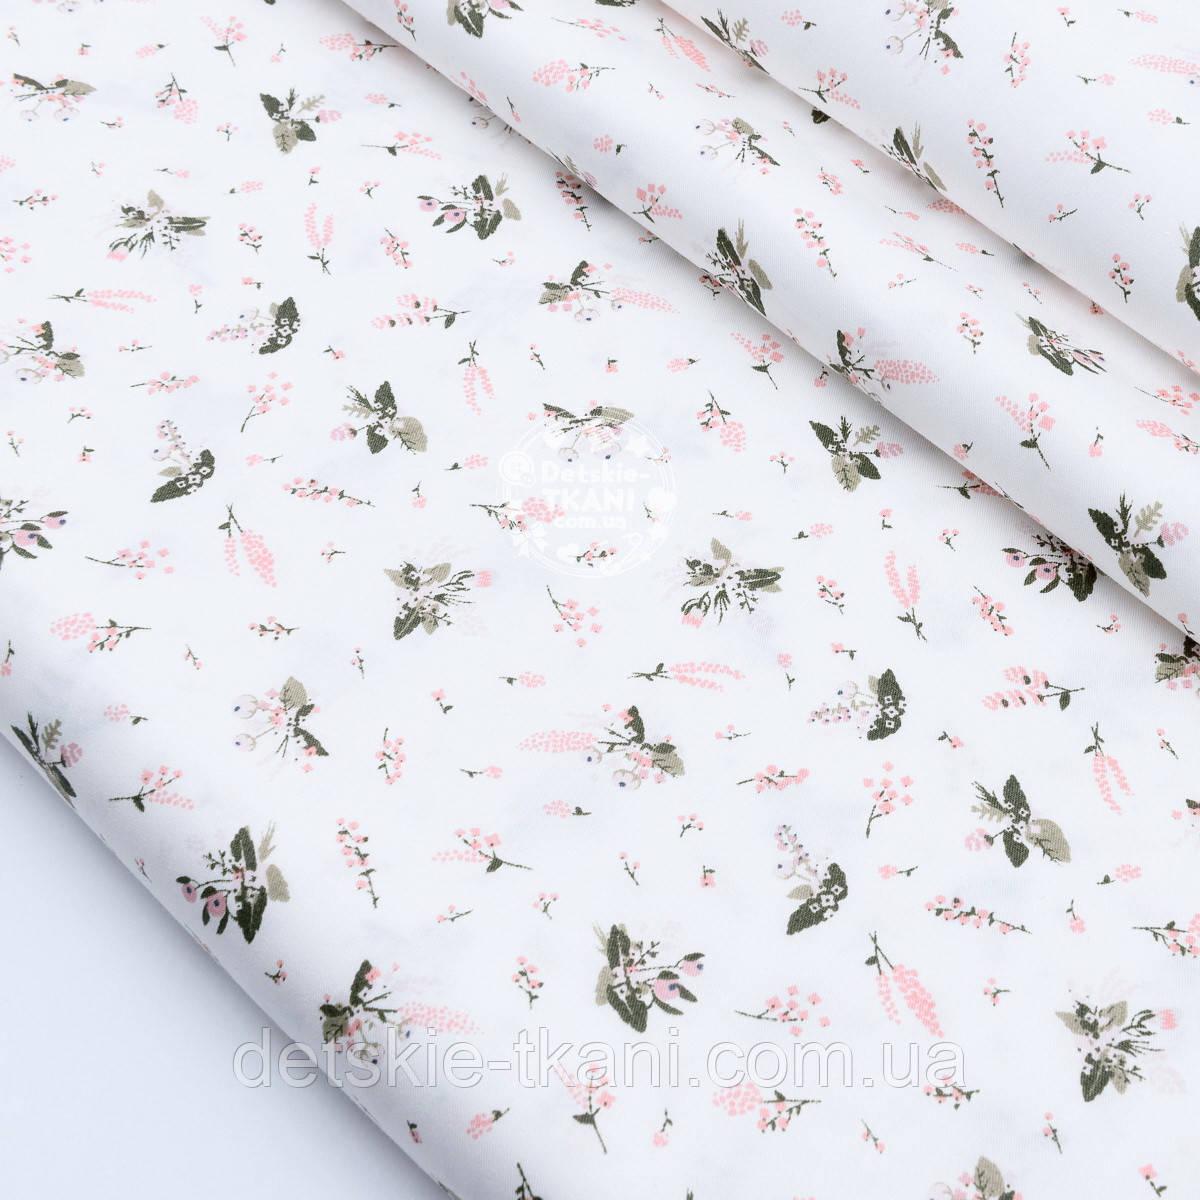 """Сатин ткань """"Маленькие розовые гиацинты"""" на белом №1732с"""